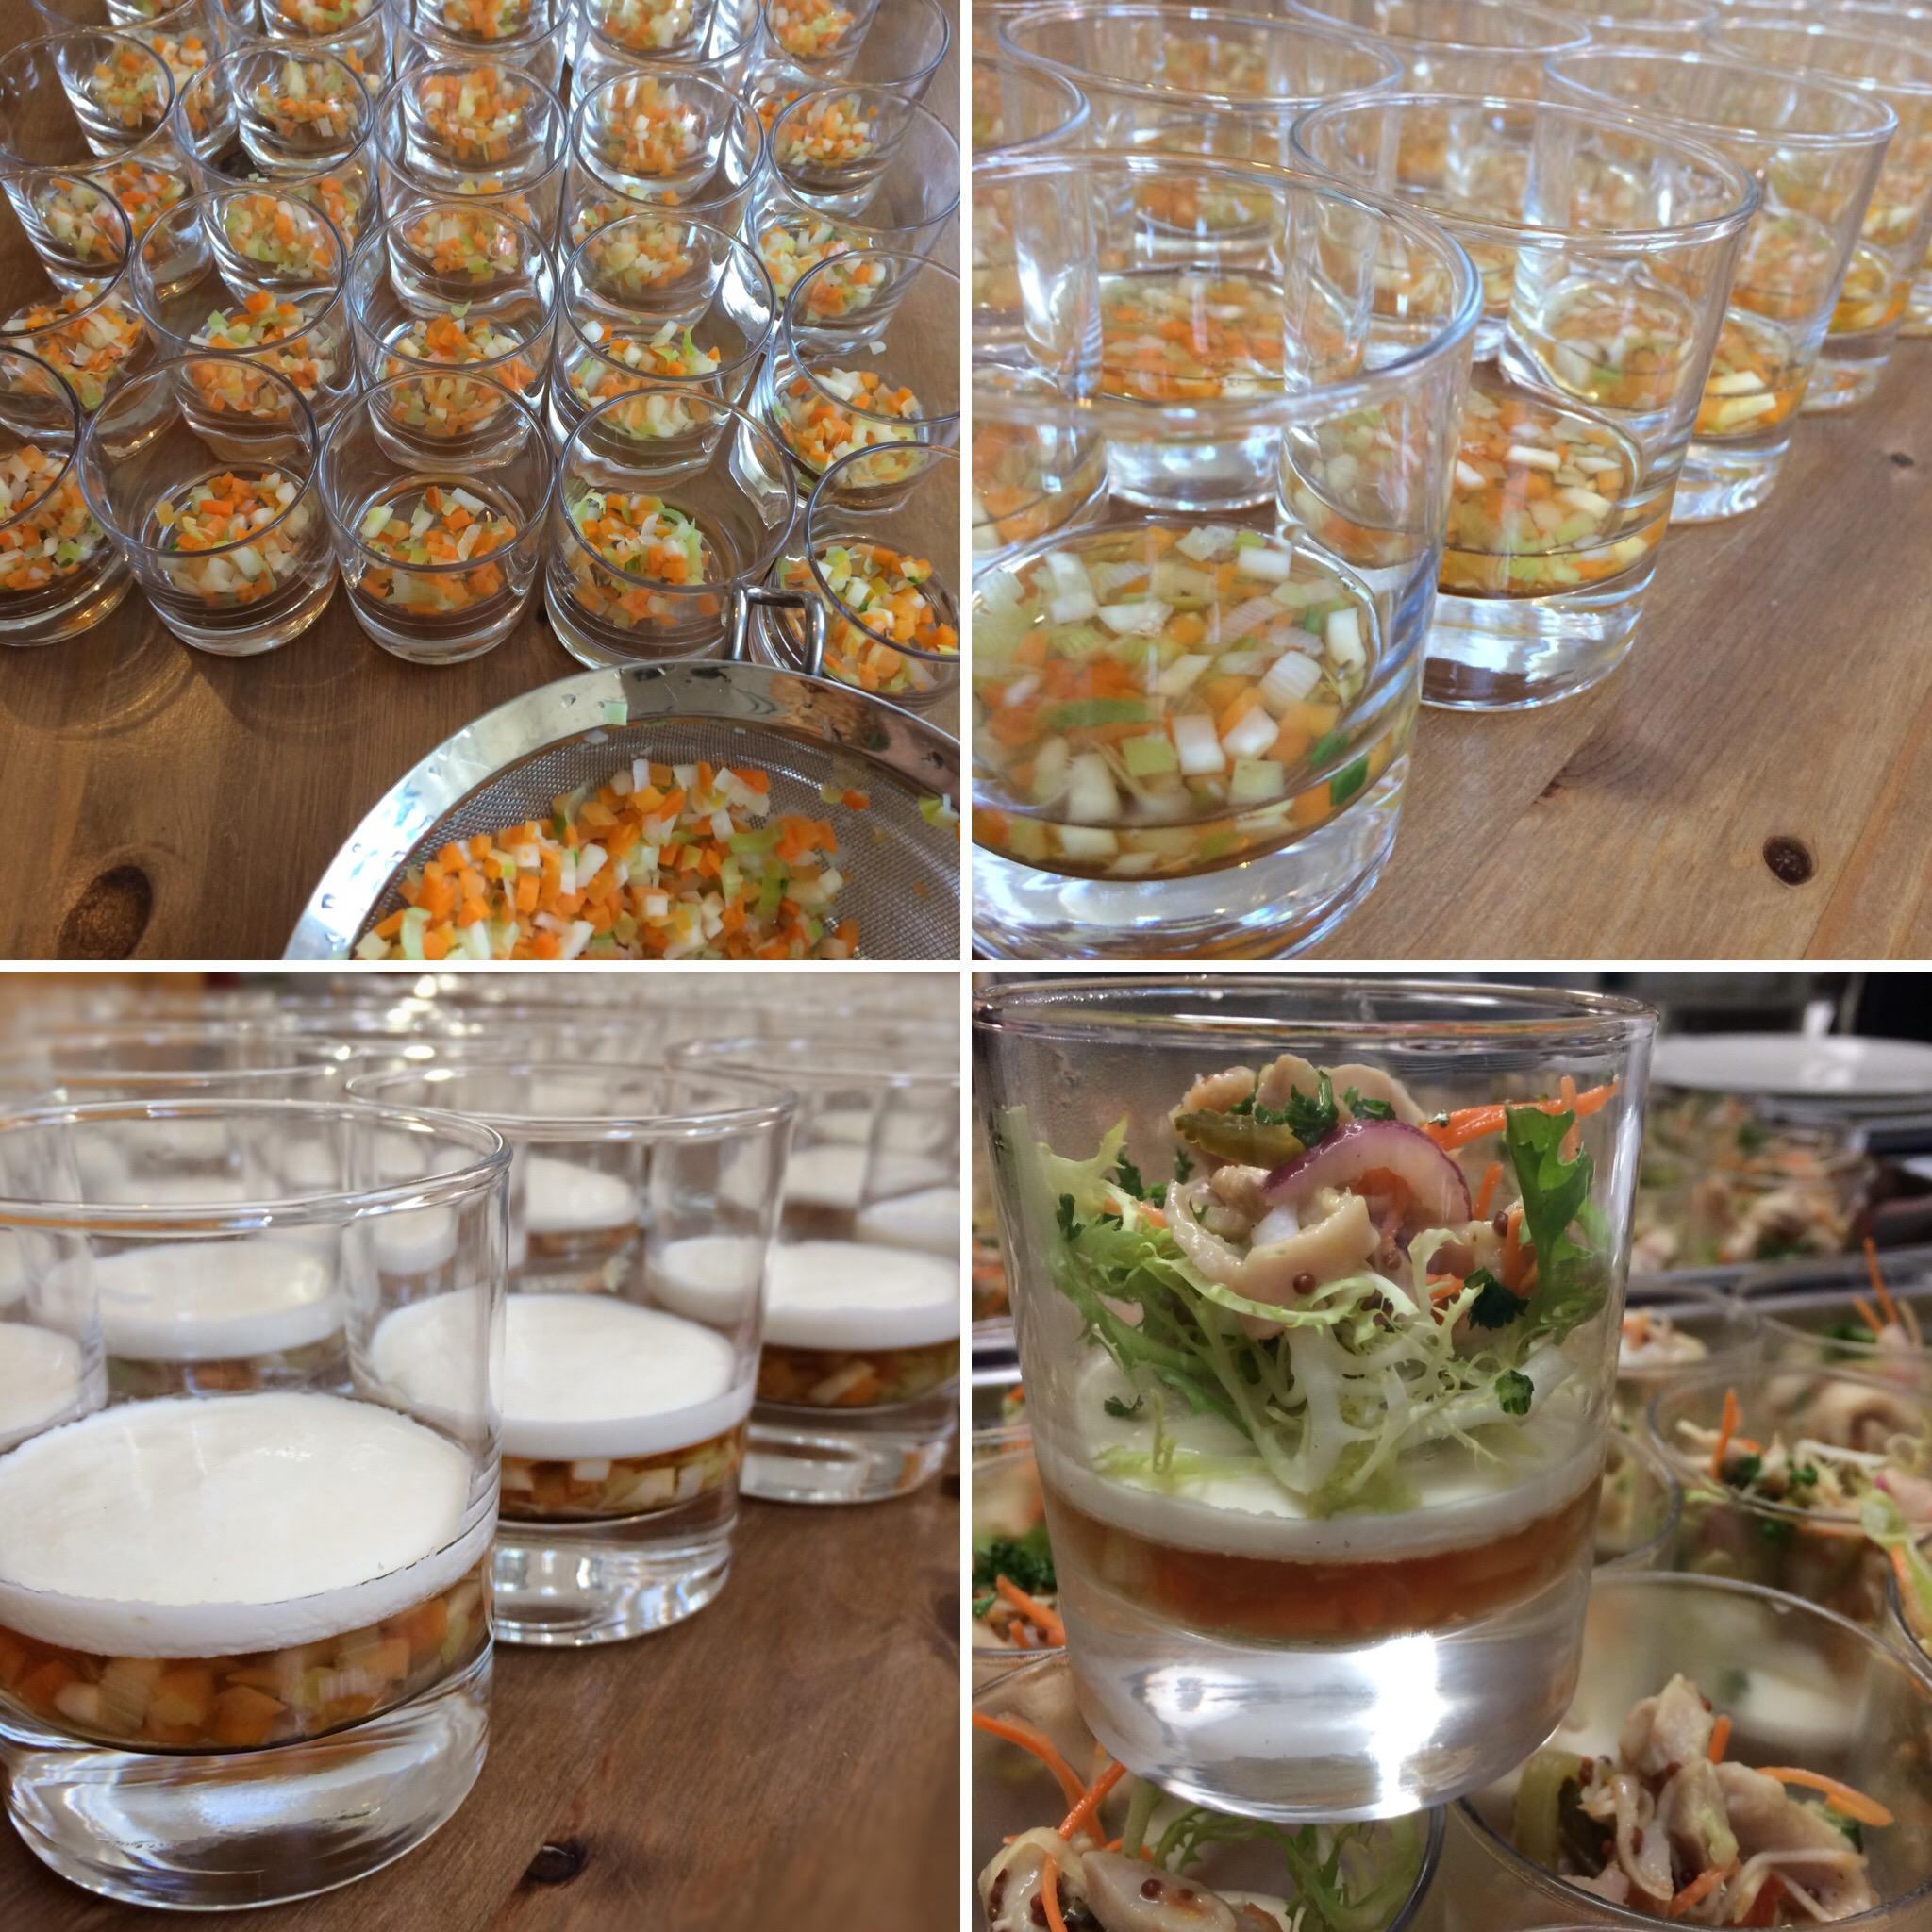 Tafelspitzsülzchen im Glas mit Meerrettich-Schmand